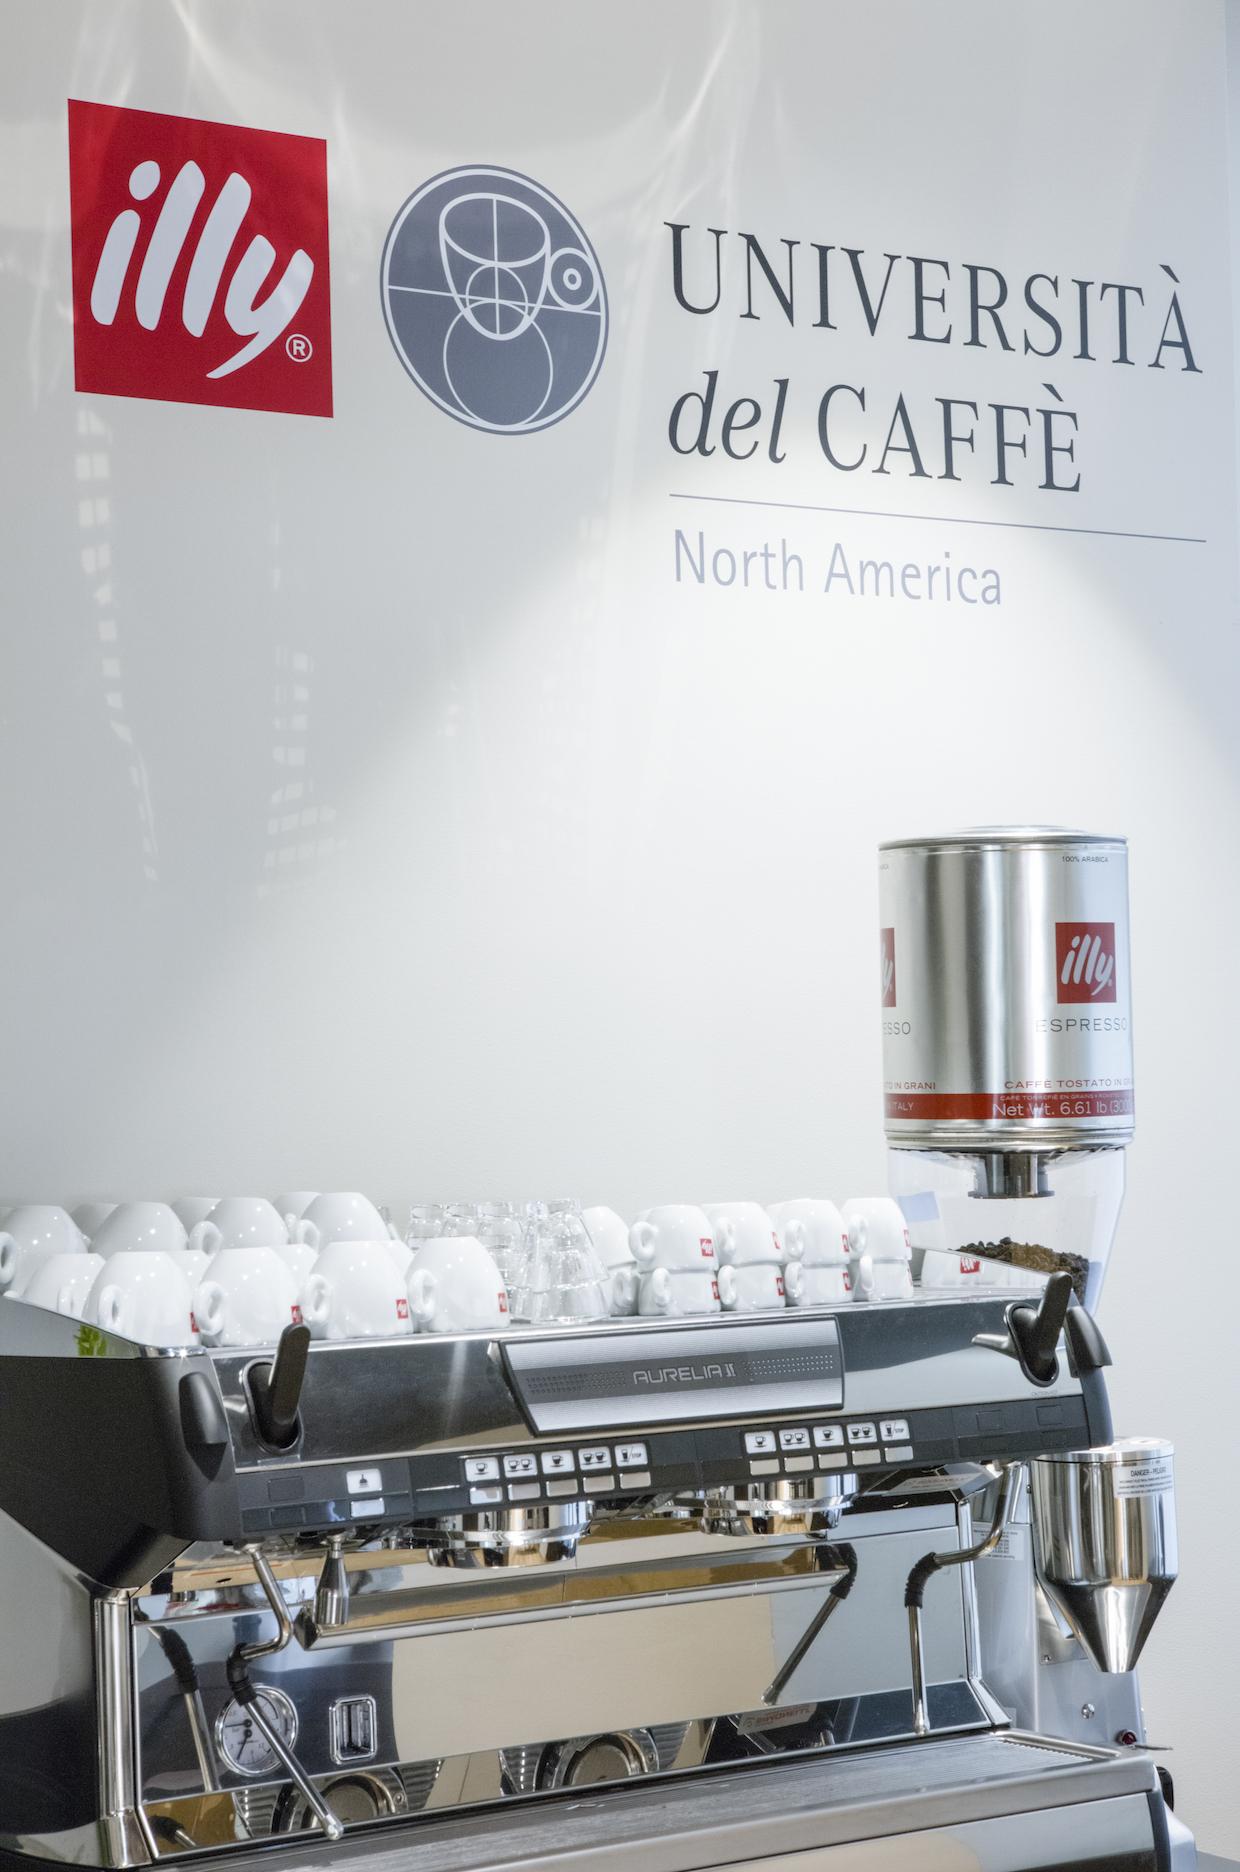 """illy san francisco """"width ="""" 1240 """"height ="""" 1872 """"/> </p> <p> Illy a lancé son programme universitaire en 1999 en Italie et a élargi le programme en Amérique du Nord en 2008 à travers des partenariats avec des établissements culinaires, notamment The Culinary Institute of America (CIA) et le Centre culinaire international (ICC). une large gamme, offrant aux consommateurs des cours sur l'appréciation du café tout au long d'un cours de maîtrise interuniversitaire en économie du café et en sciences offert à Trieste. </p> <p> Dirigé par Illy Master Barista Giorgio Milos, cours offerts actuellement au Le campus de San Francisco s'adresse principalement aux consommateurs curieux du café, bien qu'un représentant de l'entreprise ait déclaré à Daily Coffee News que l'espace serait également utilisé pour la formation barista et pour la formation et l'éducation pour les clients en gros et d'autres professionnels des aliments et des boissons. </p> <p> <span id="""